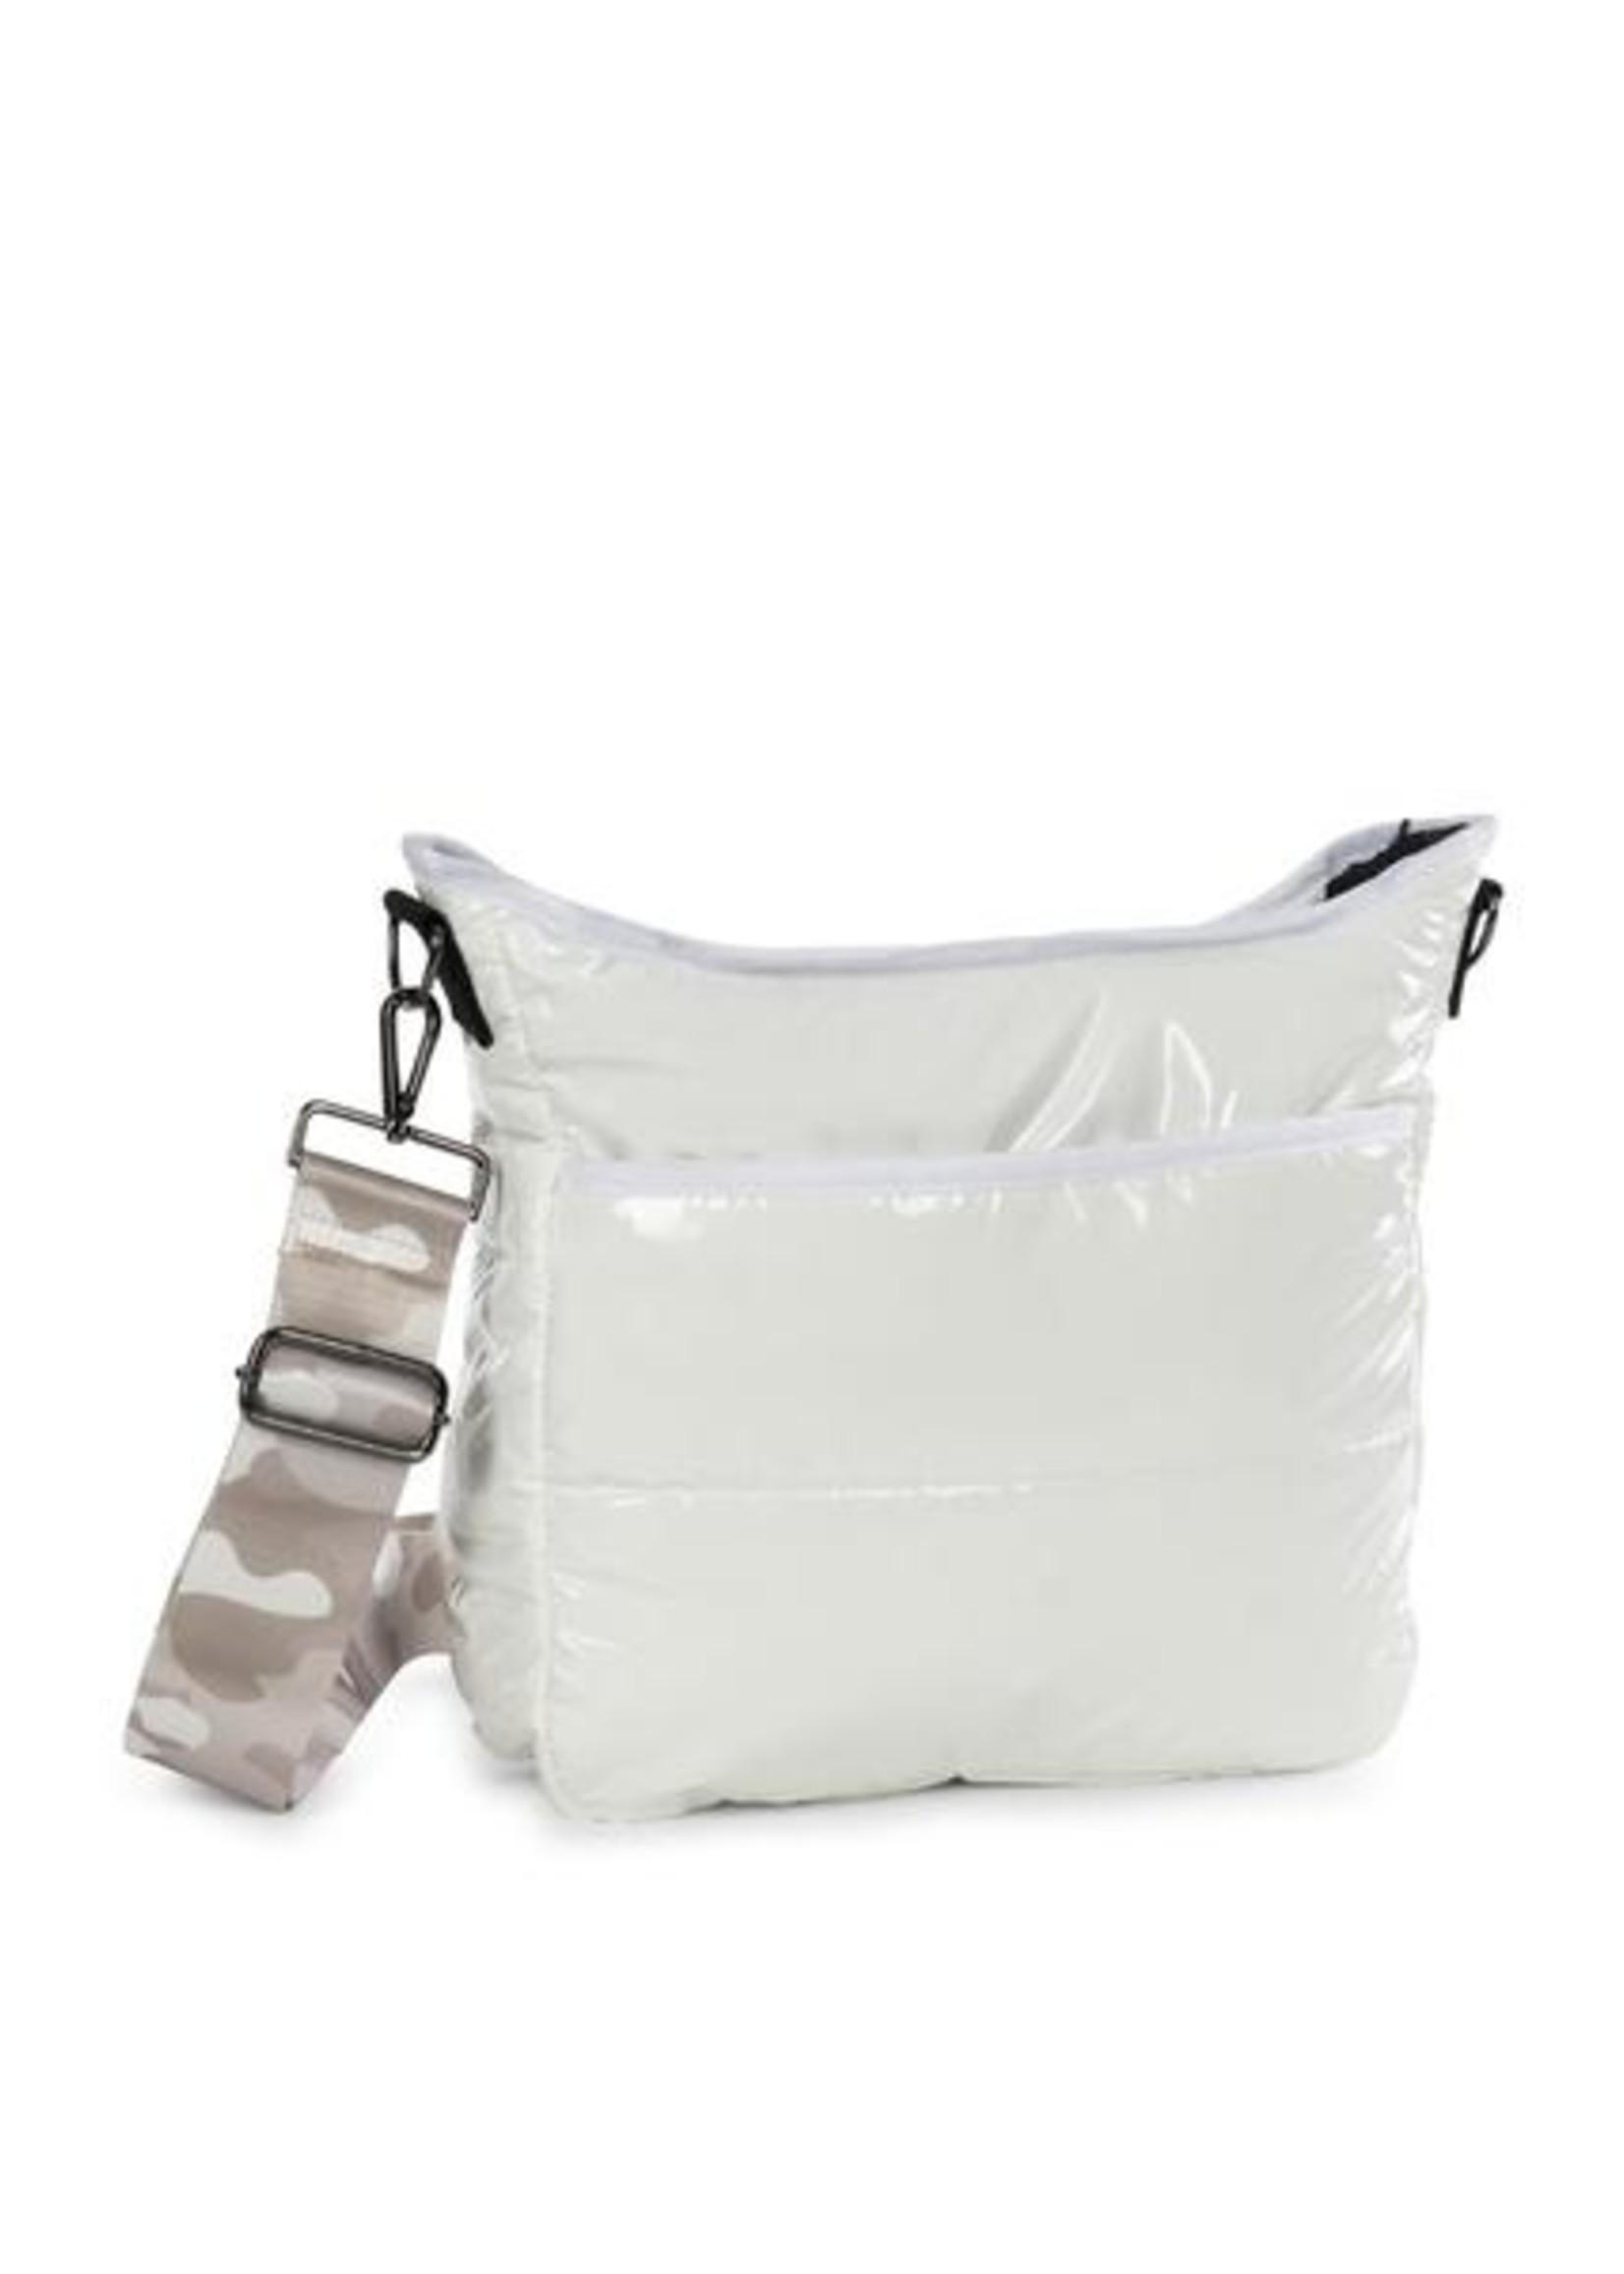 Perri blanc puffer bag